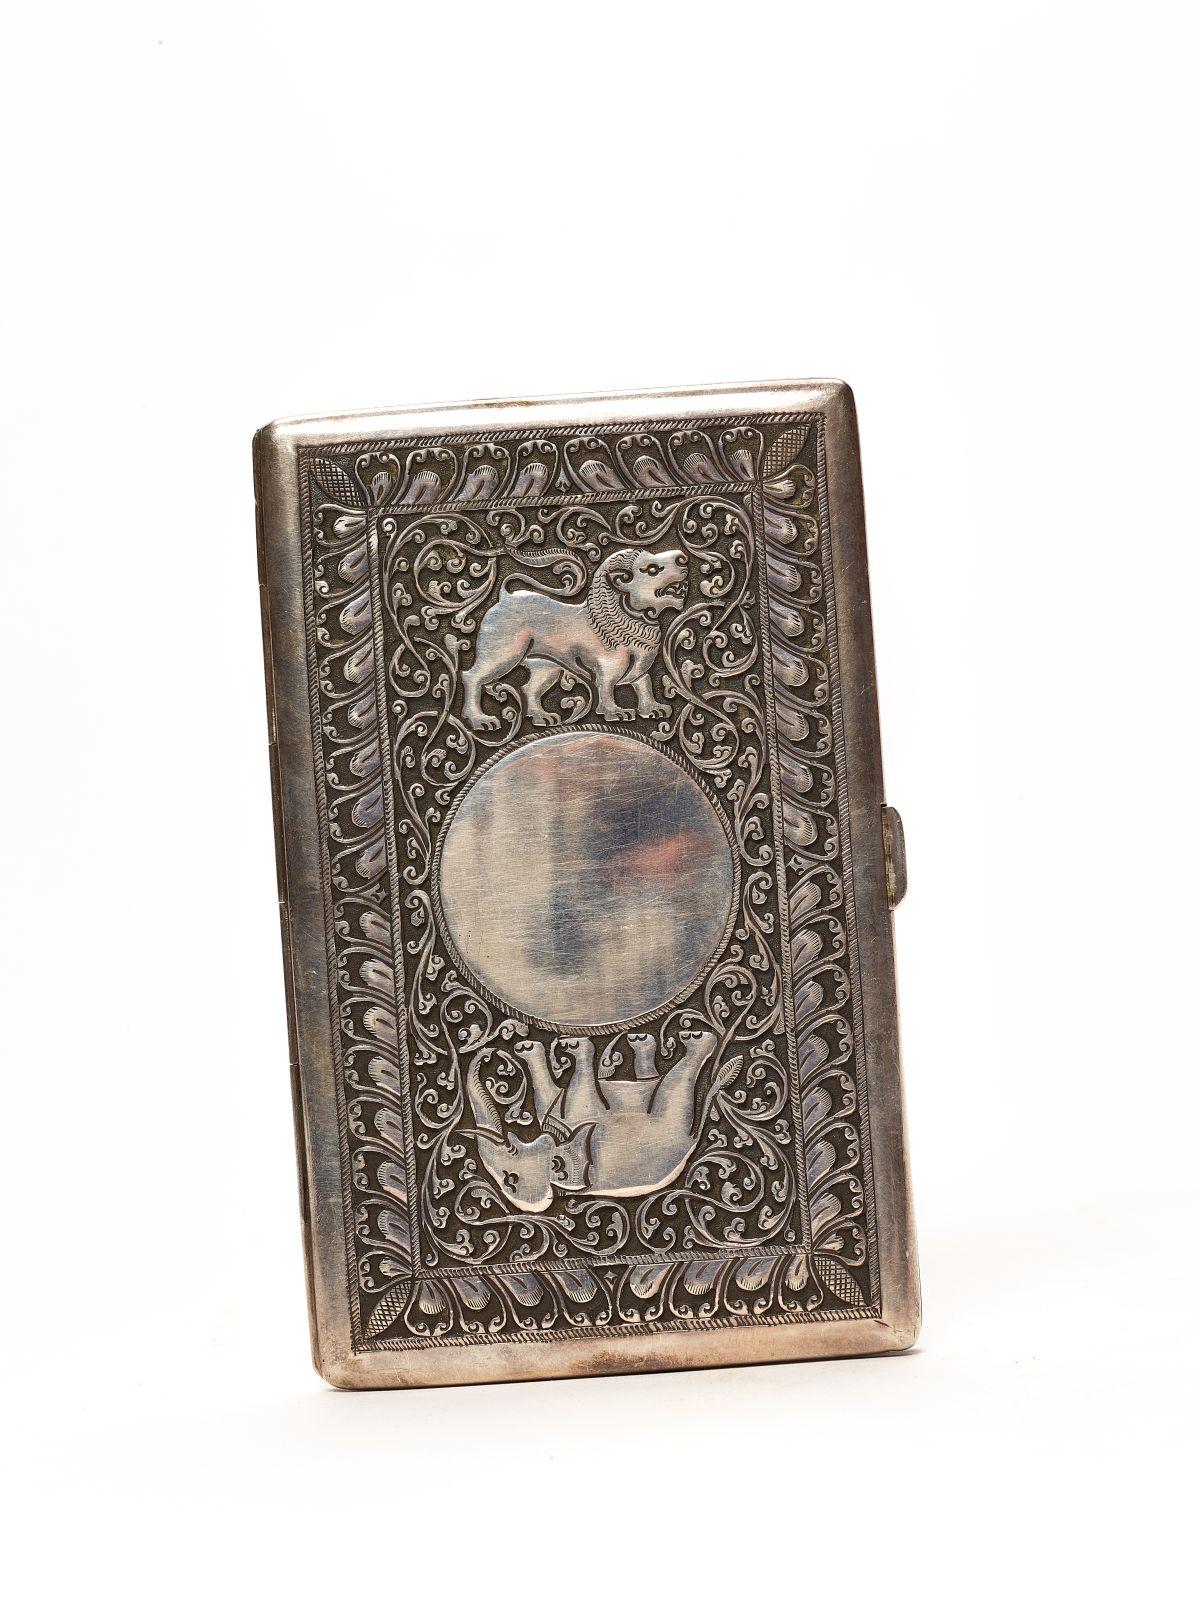 #187 A Thai embossed and engraved Silver Cigarette Box c. 1920 | Eine thailändisch geprägte und gravierte silberne Zigarettenschachtel c. 1920 Image